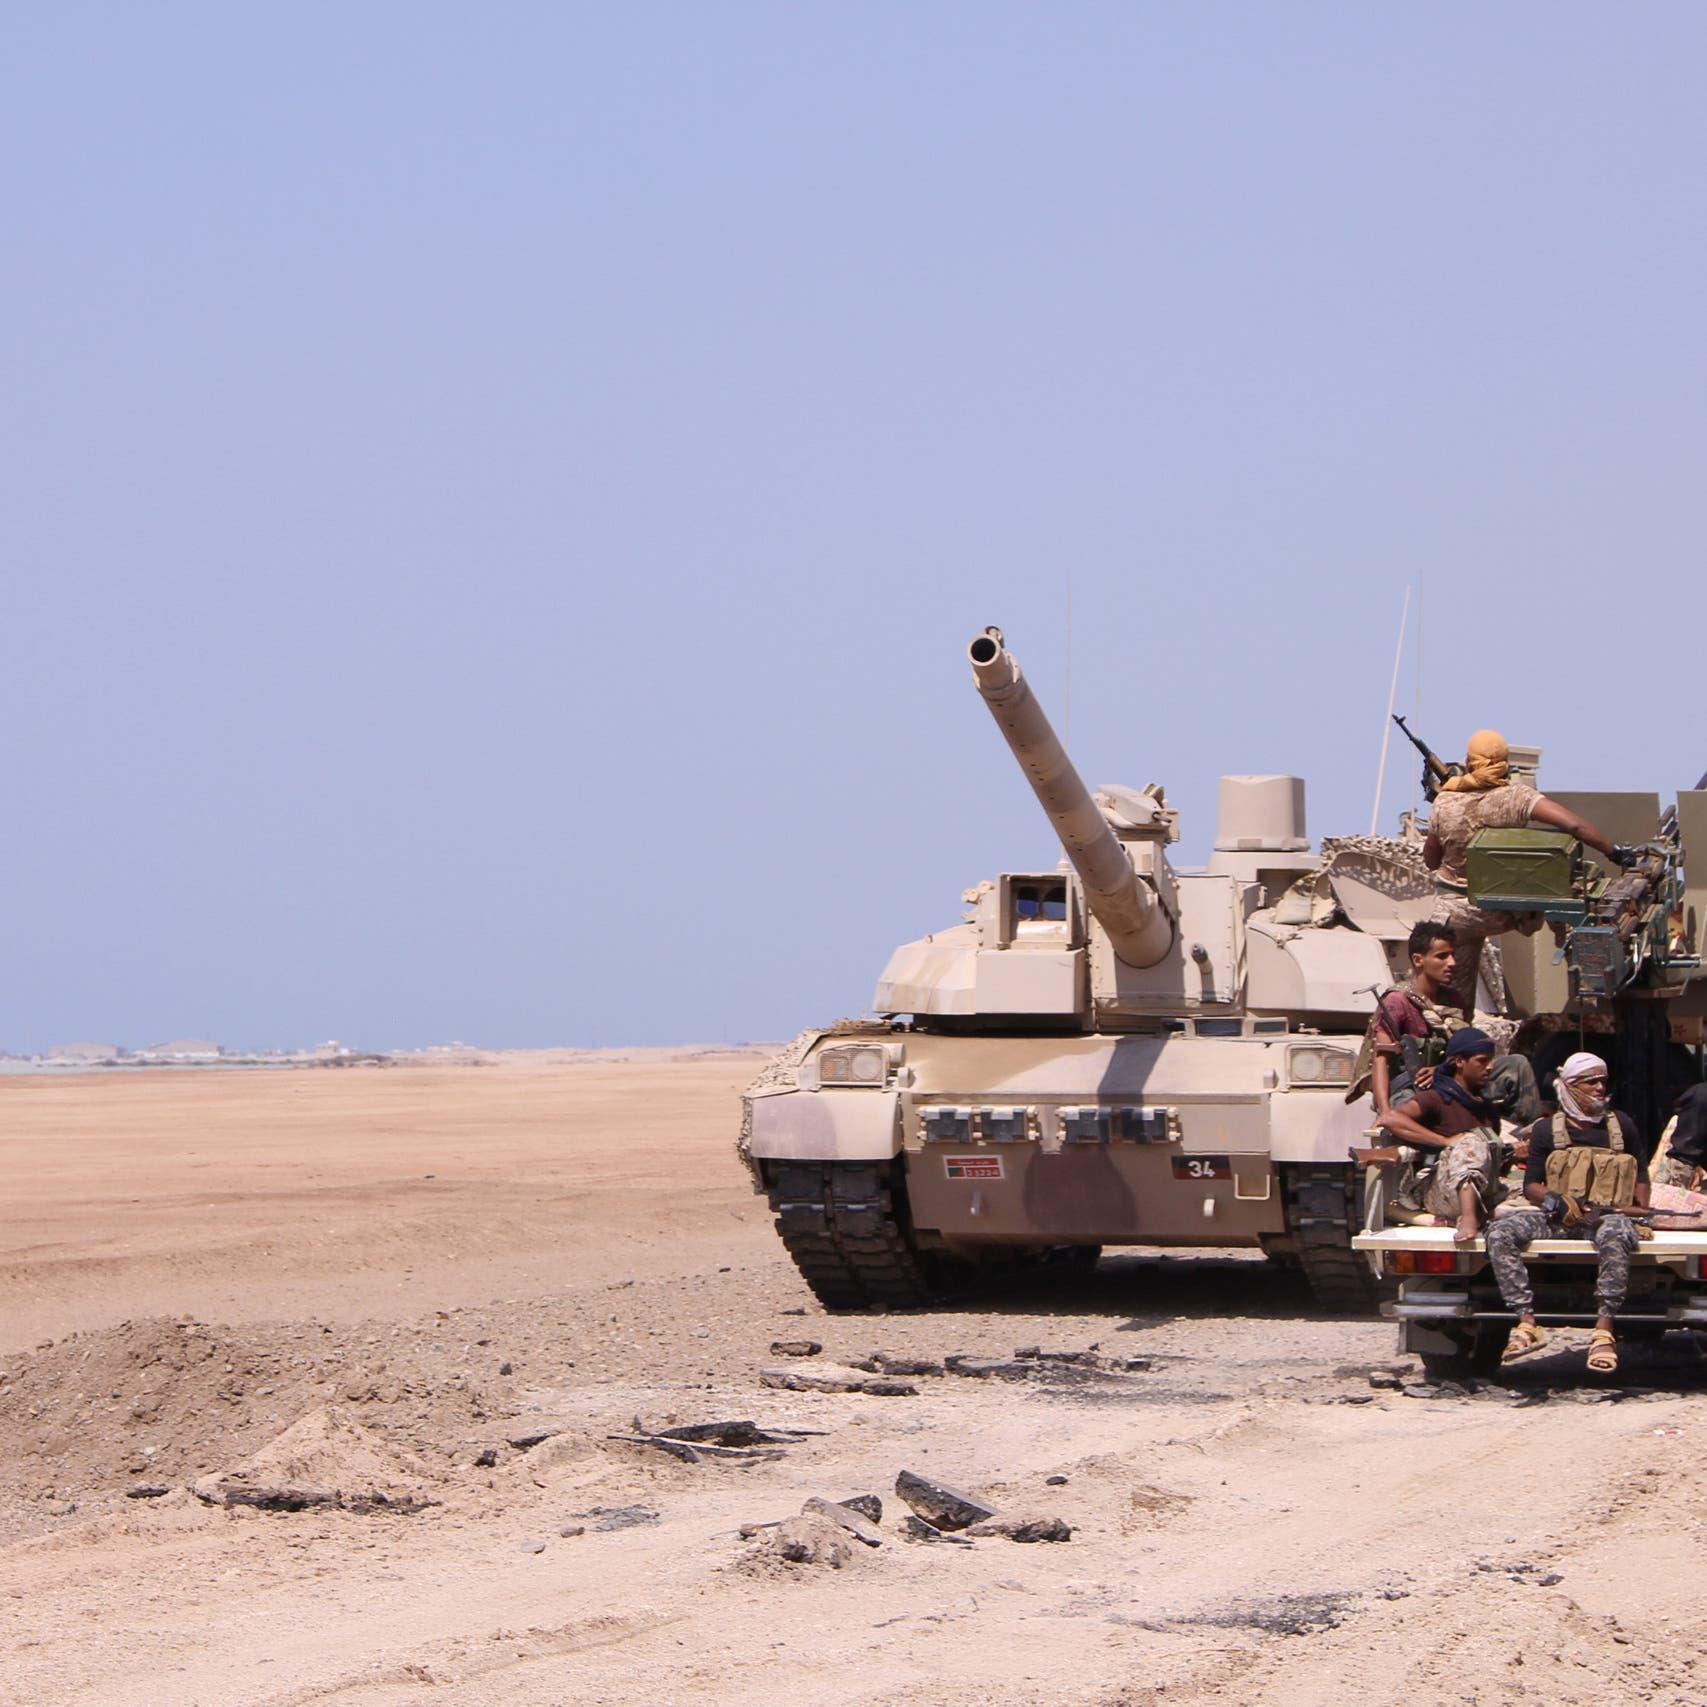 بعد السيطرة على عتق.. أمن المدينة بيد الجيش اليمني